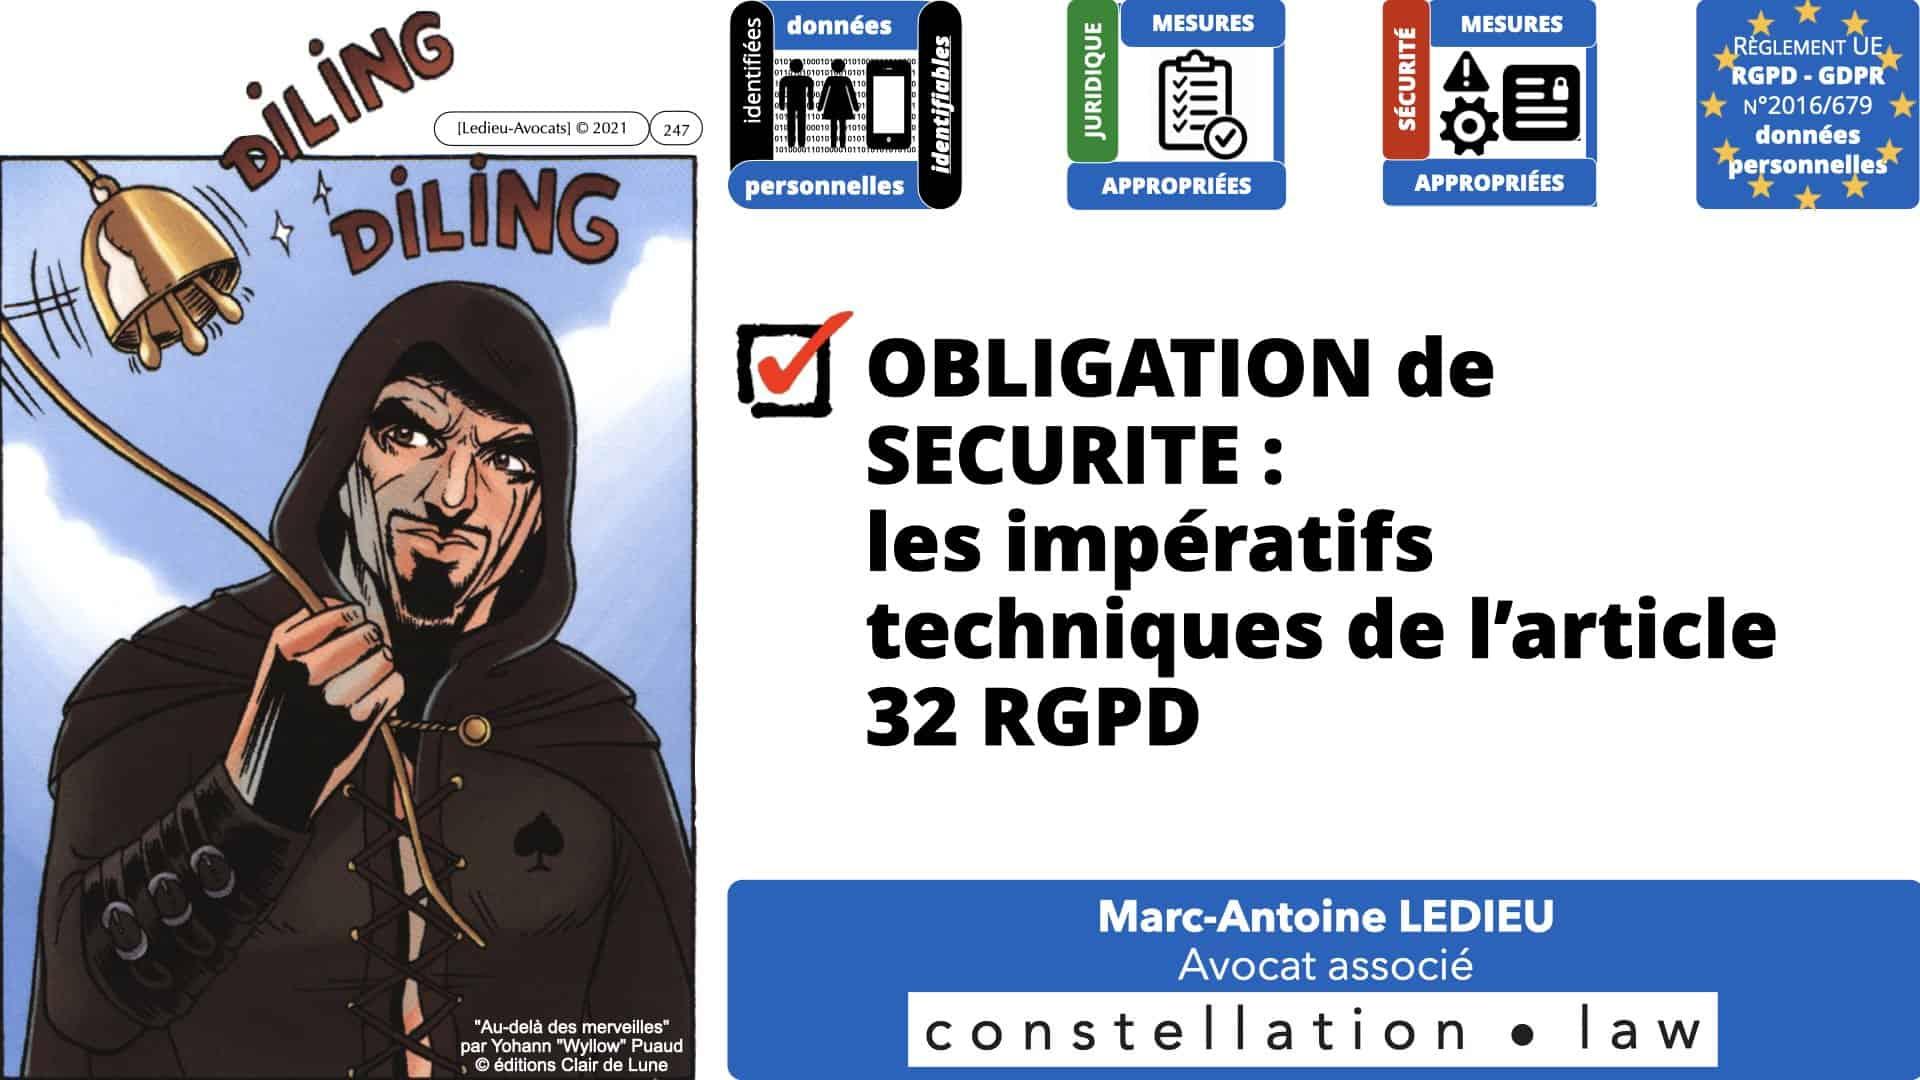 RGPD e-Privacy données personnelles jurisprudence formation Lamy Les Echos 10-02-2021 ©Ledieu-Avocats.247